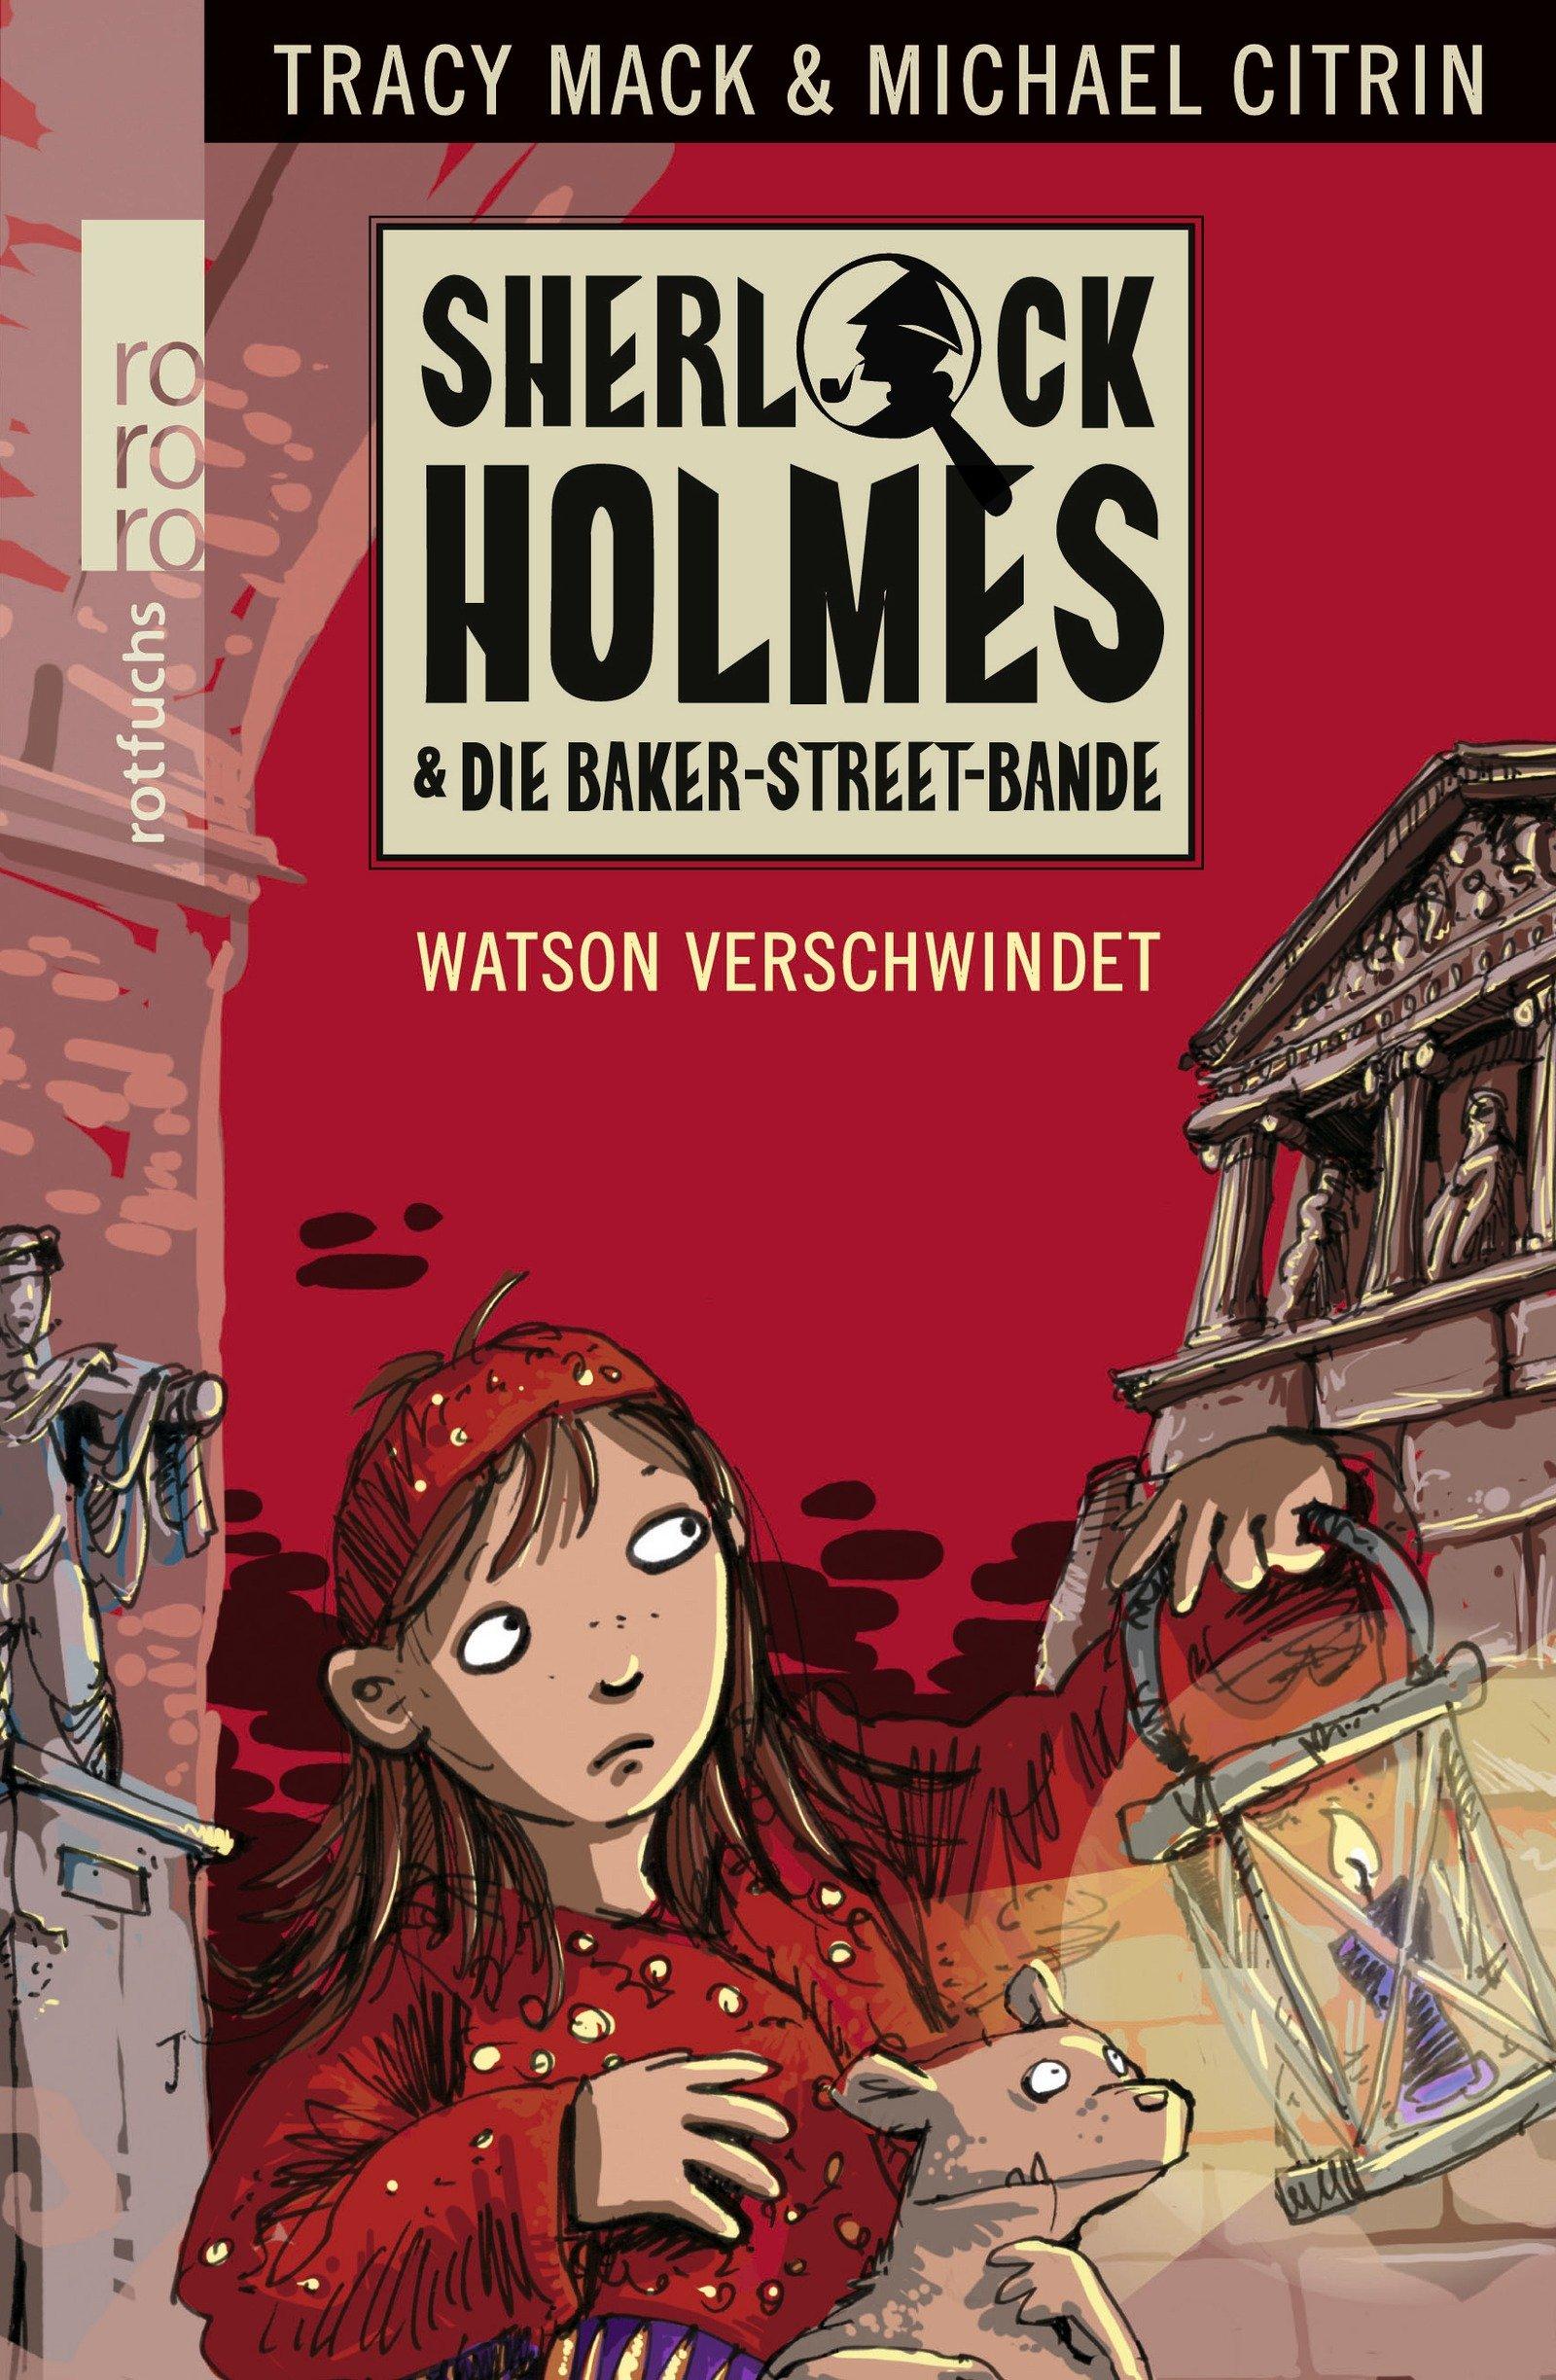 Watson verschwindet (Sherlock Holmes & die Baker-Street-Bande, Band 3)